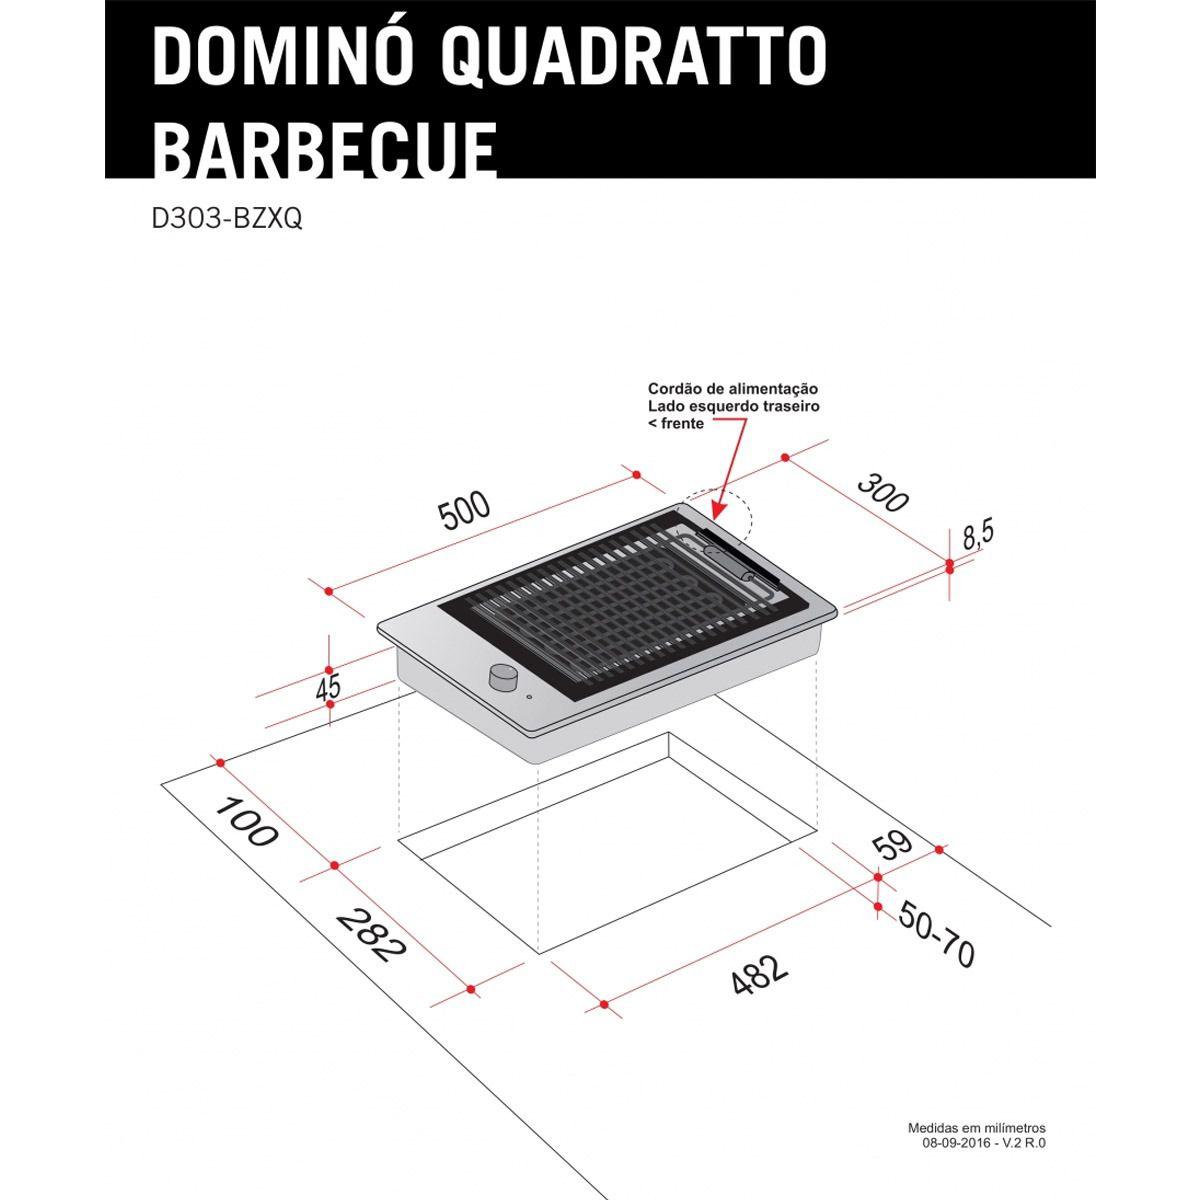 Dominó Elettromec Quadratto Barbecue 30cm 220V